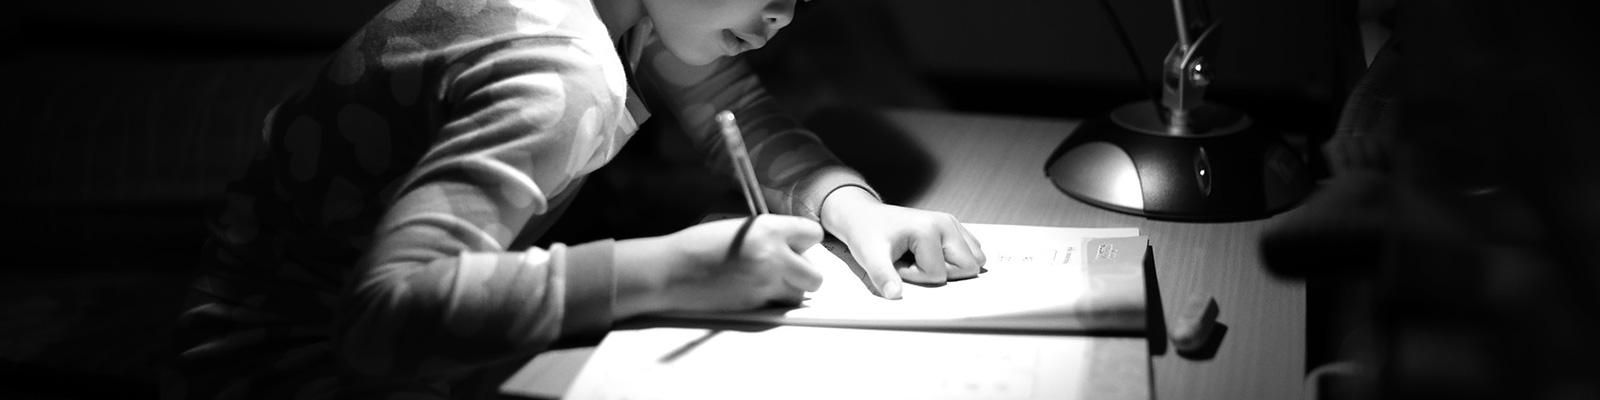 教育 子供 書く 文章 イメージ